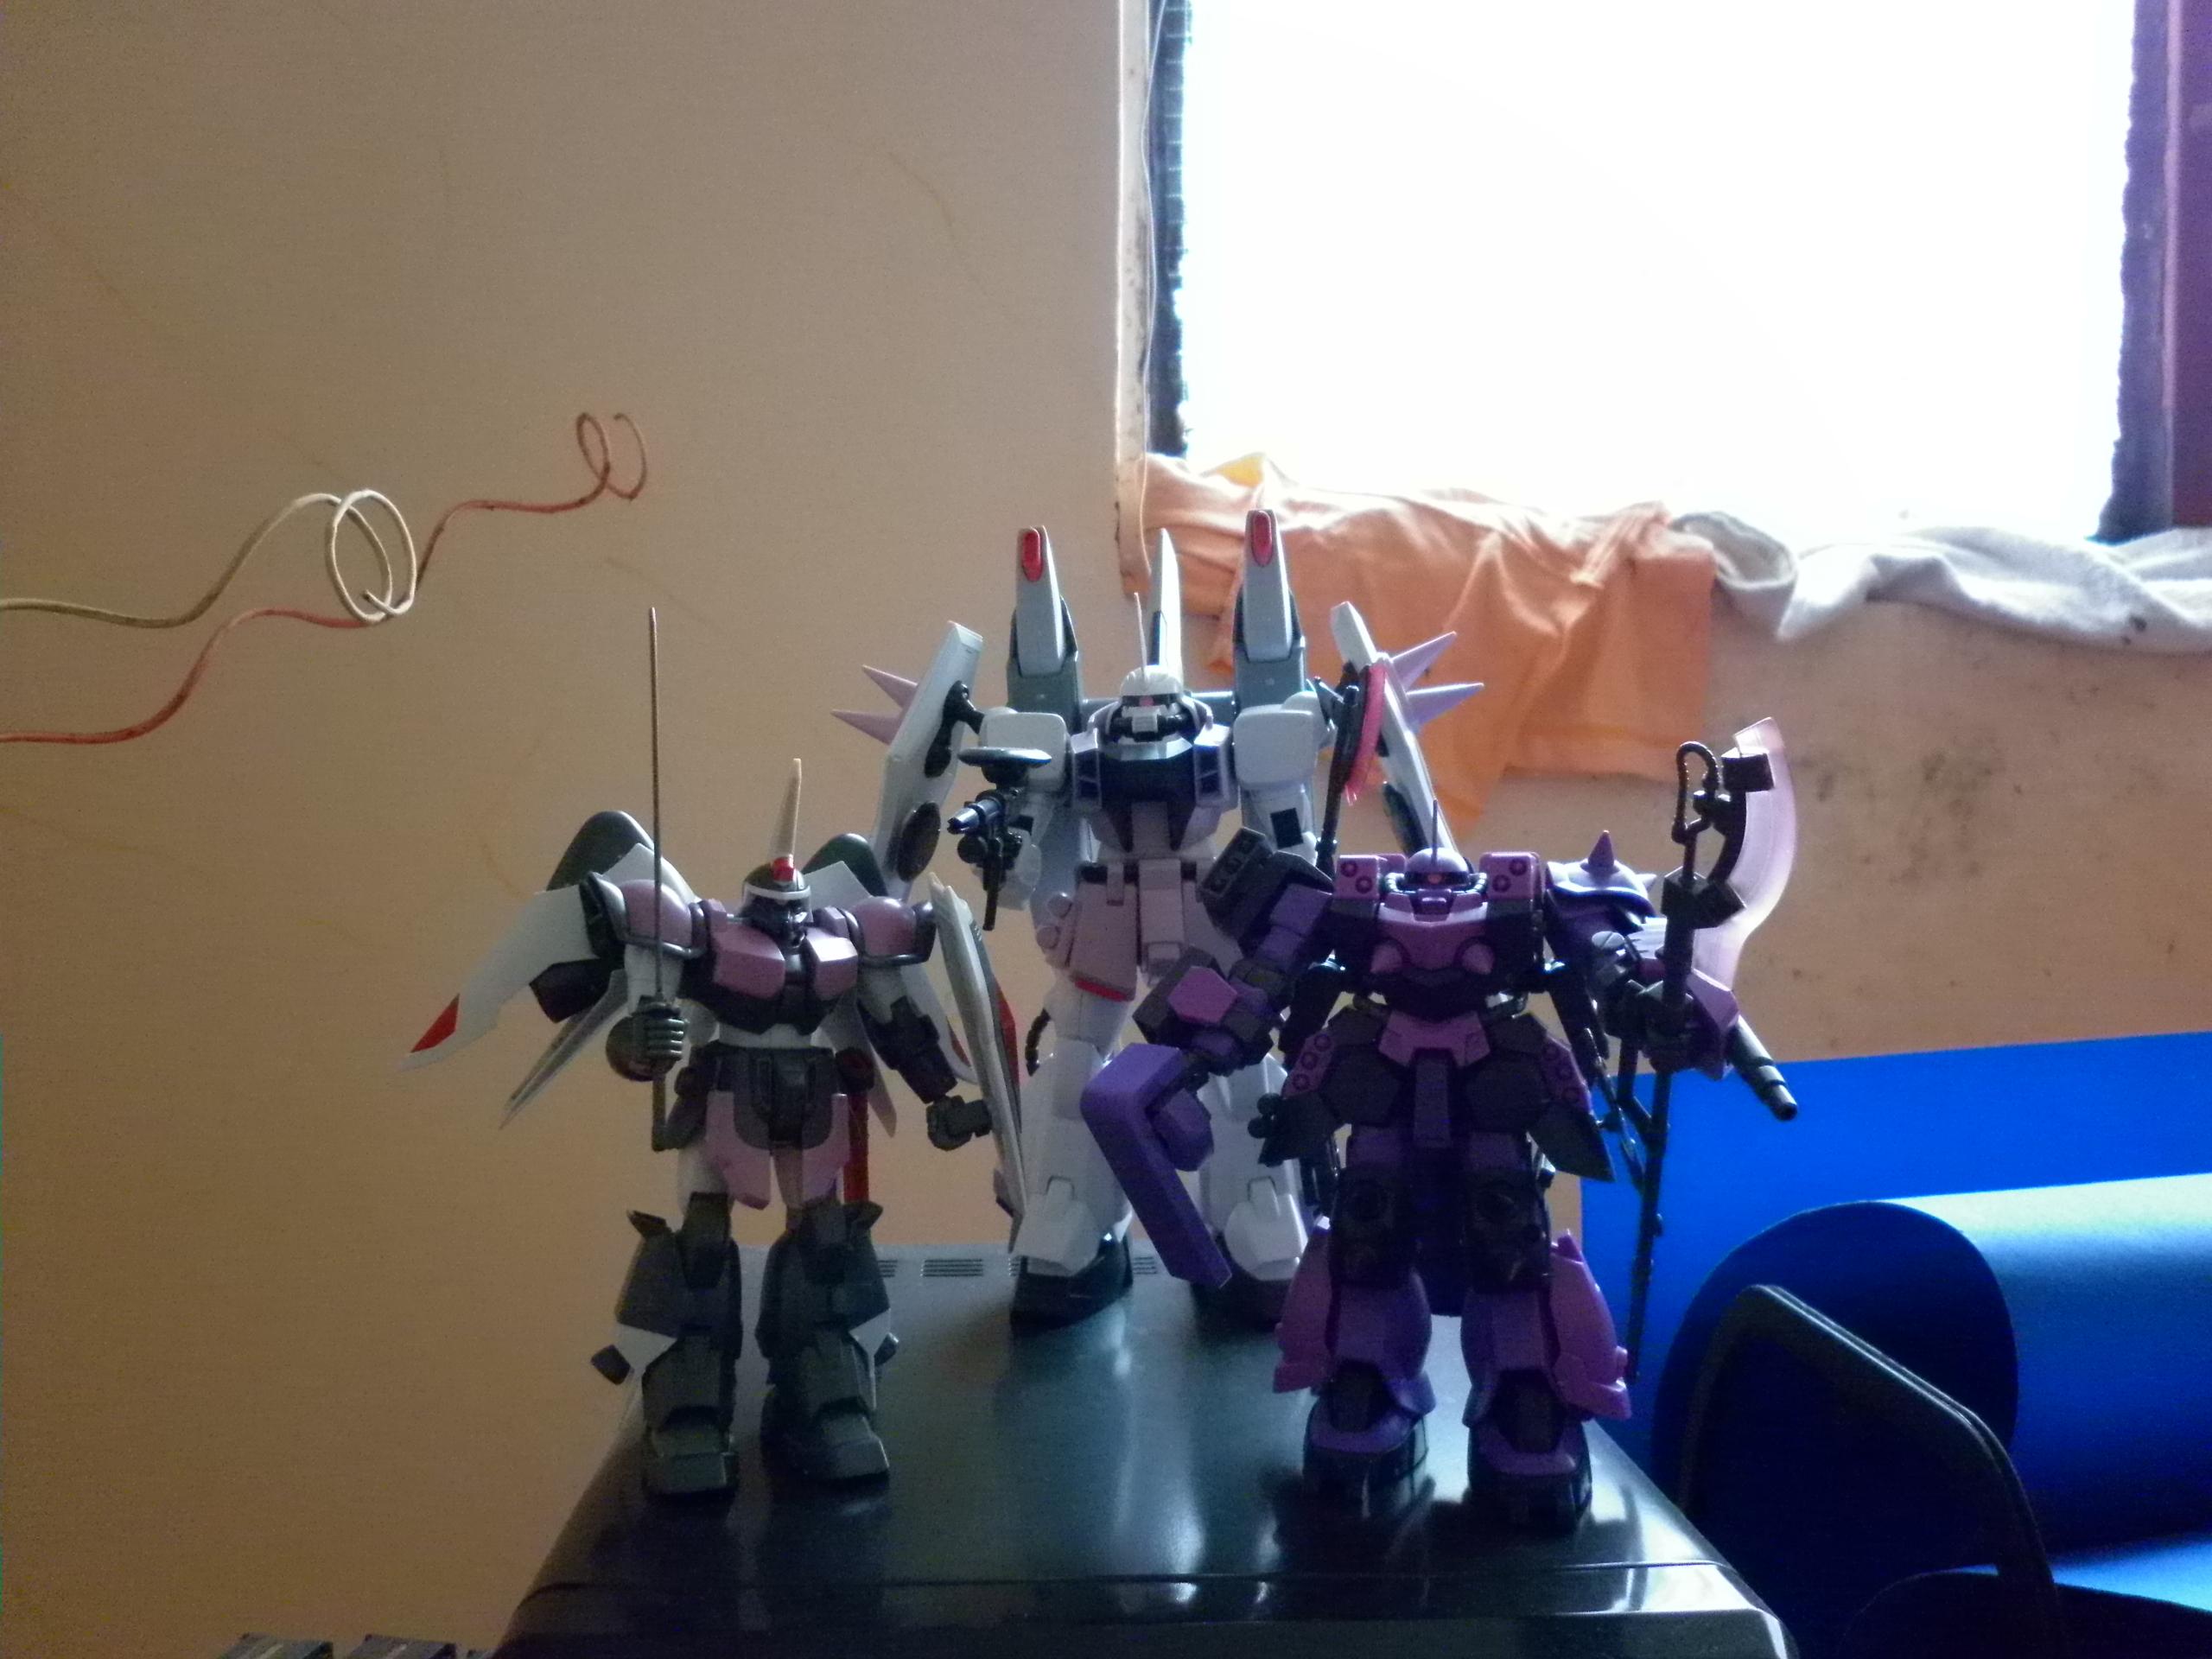 Weird Toyz: The One Eyed Army